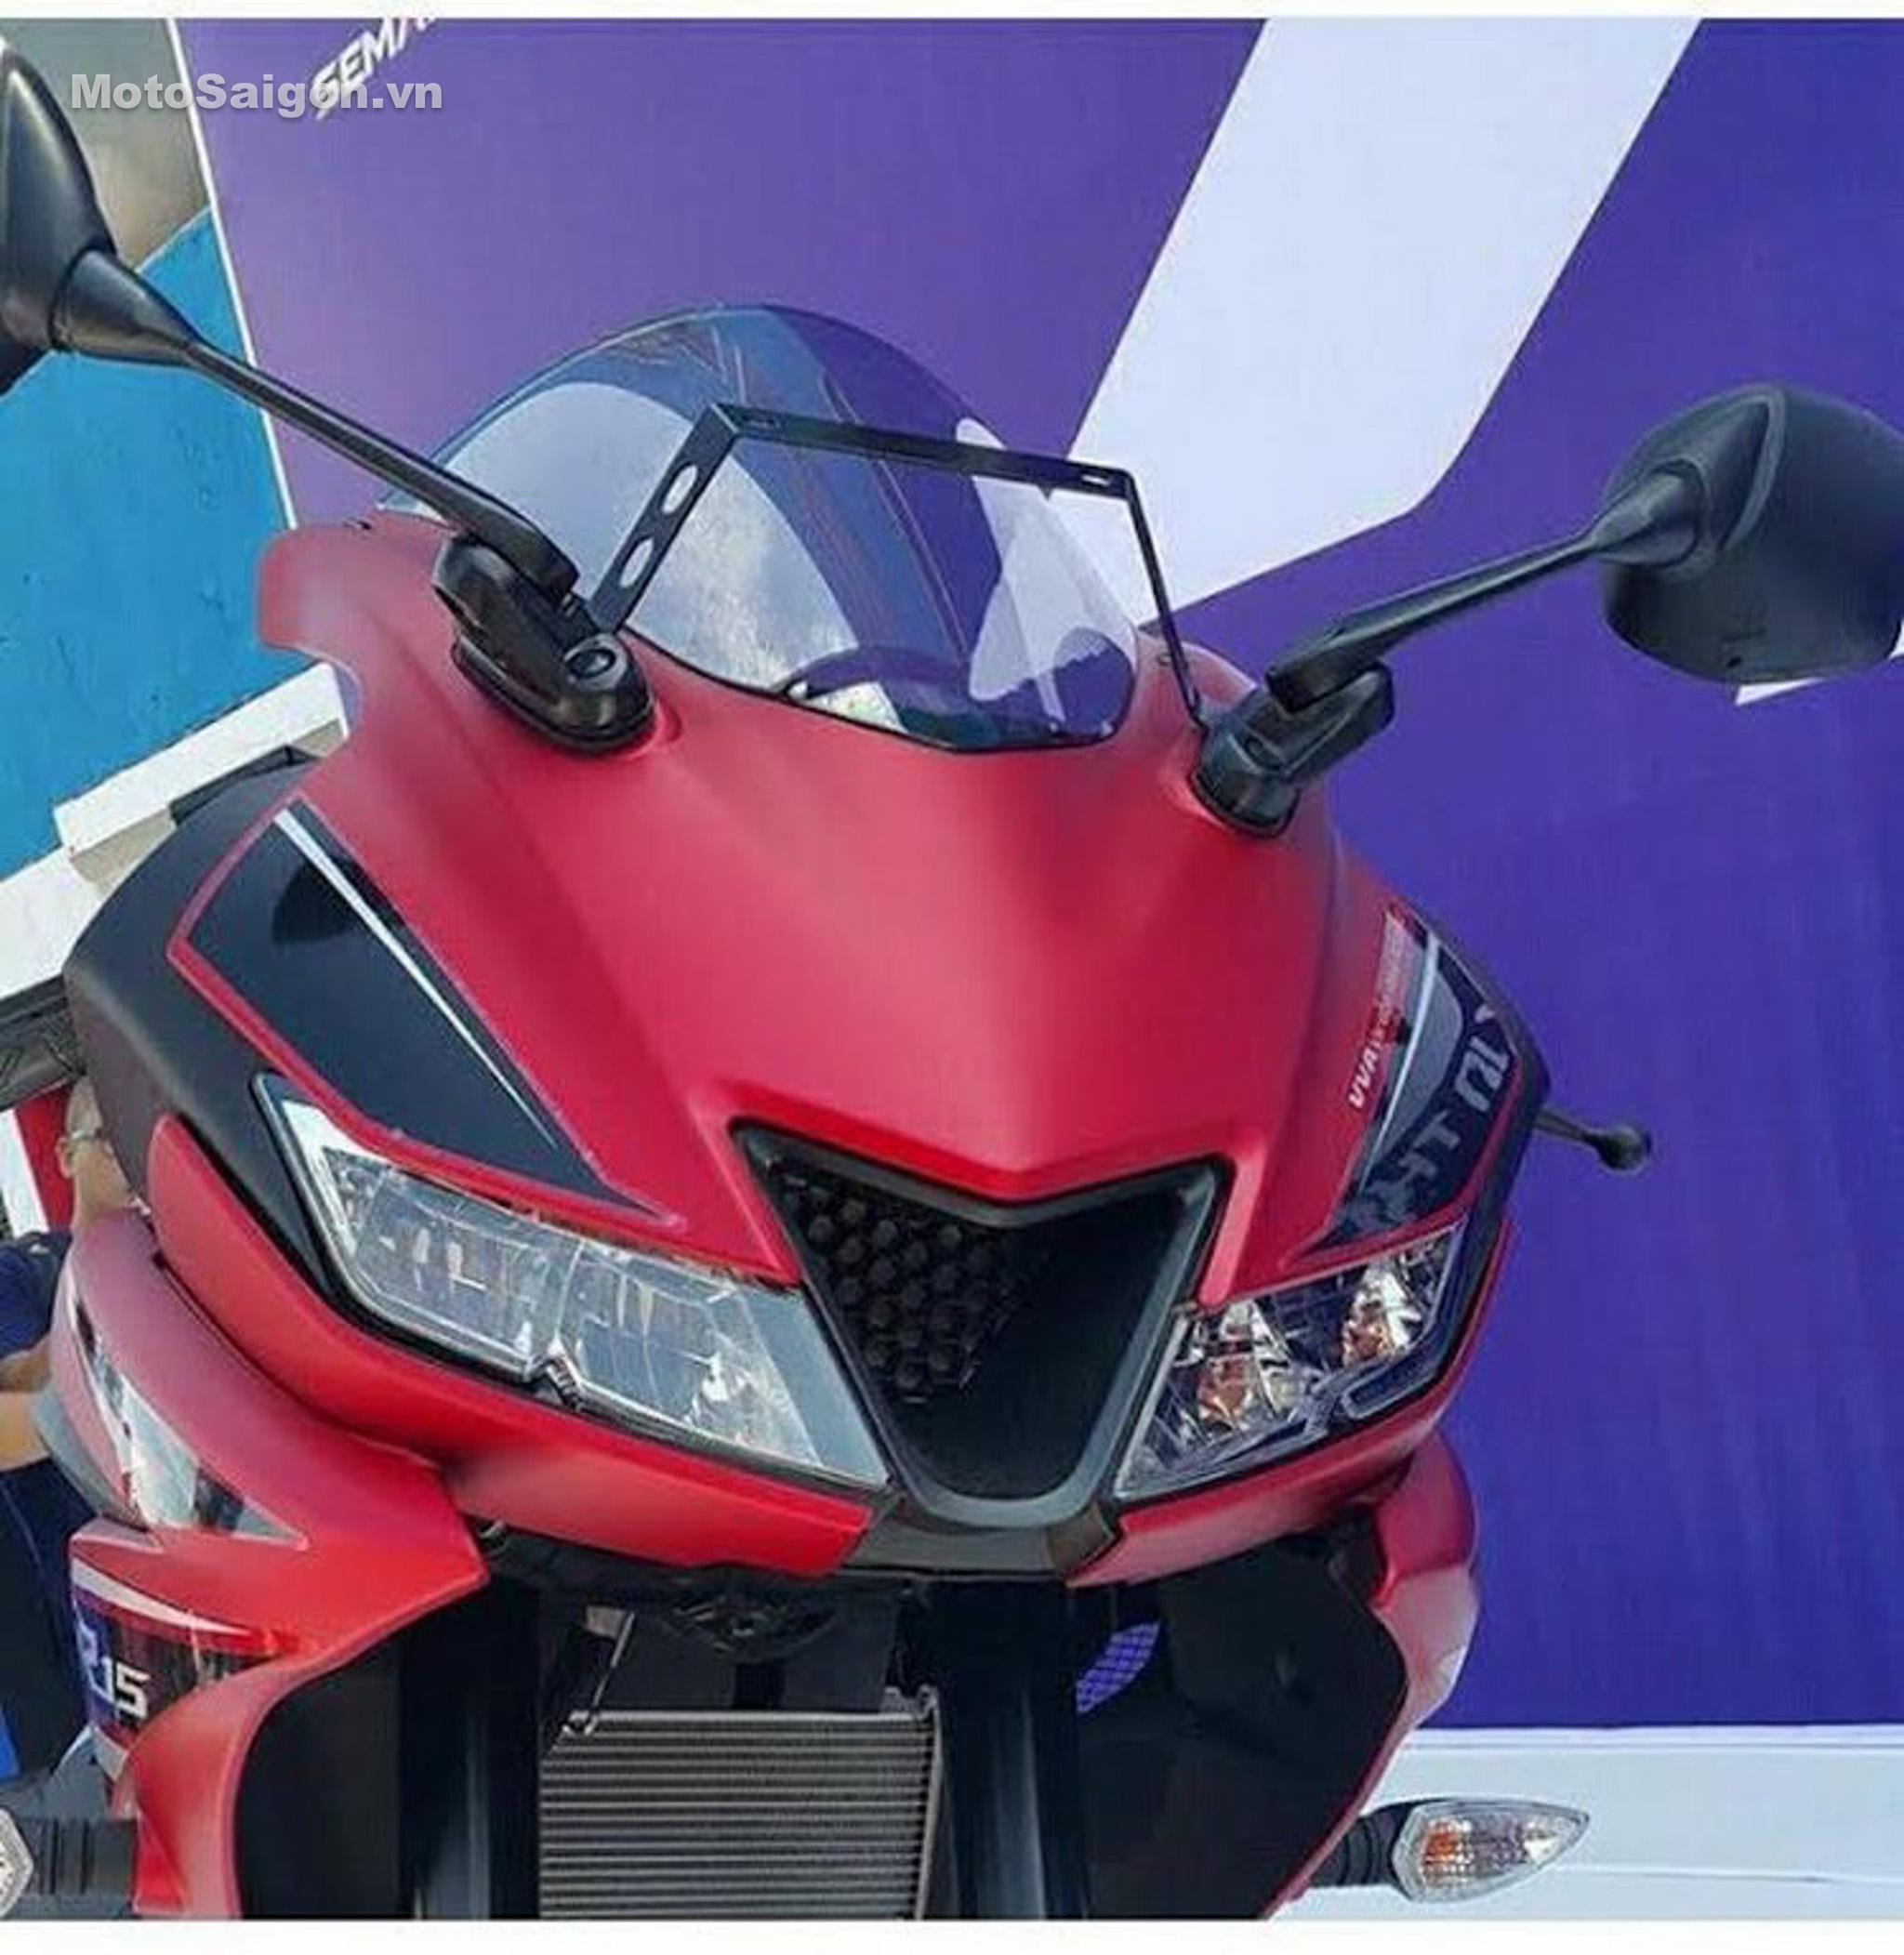 danh-gia-xe-yamaha-r15-v3-2017-hinh-anh-motosaigon-22